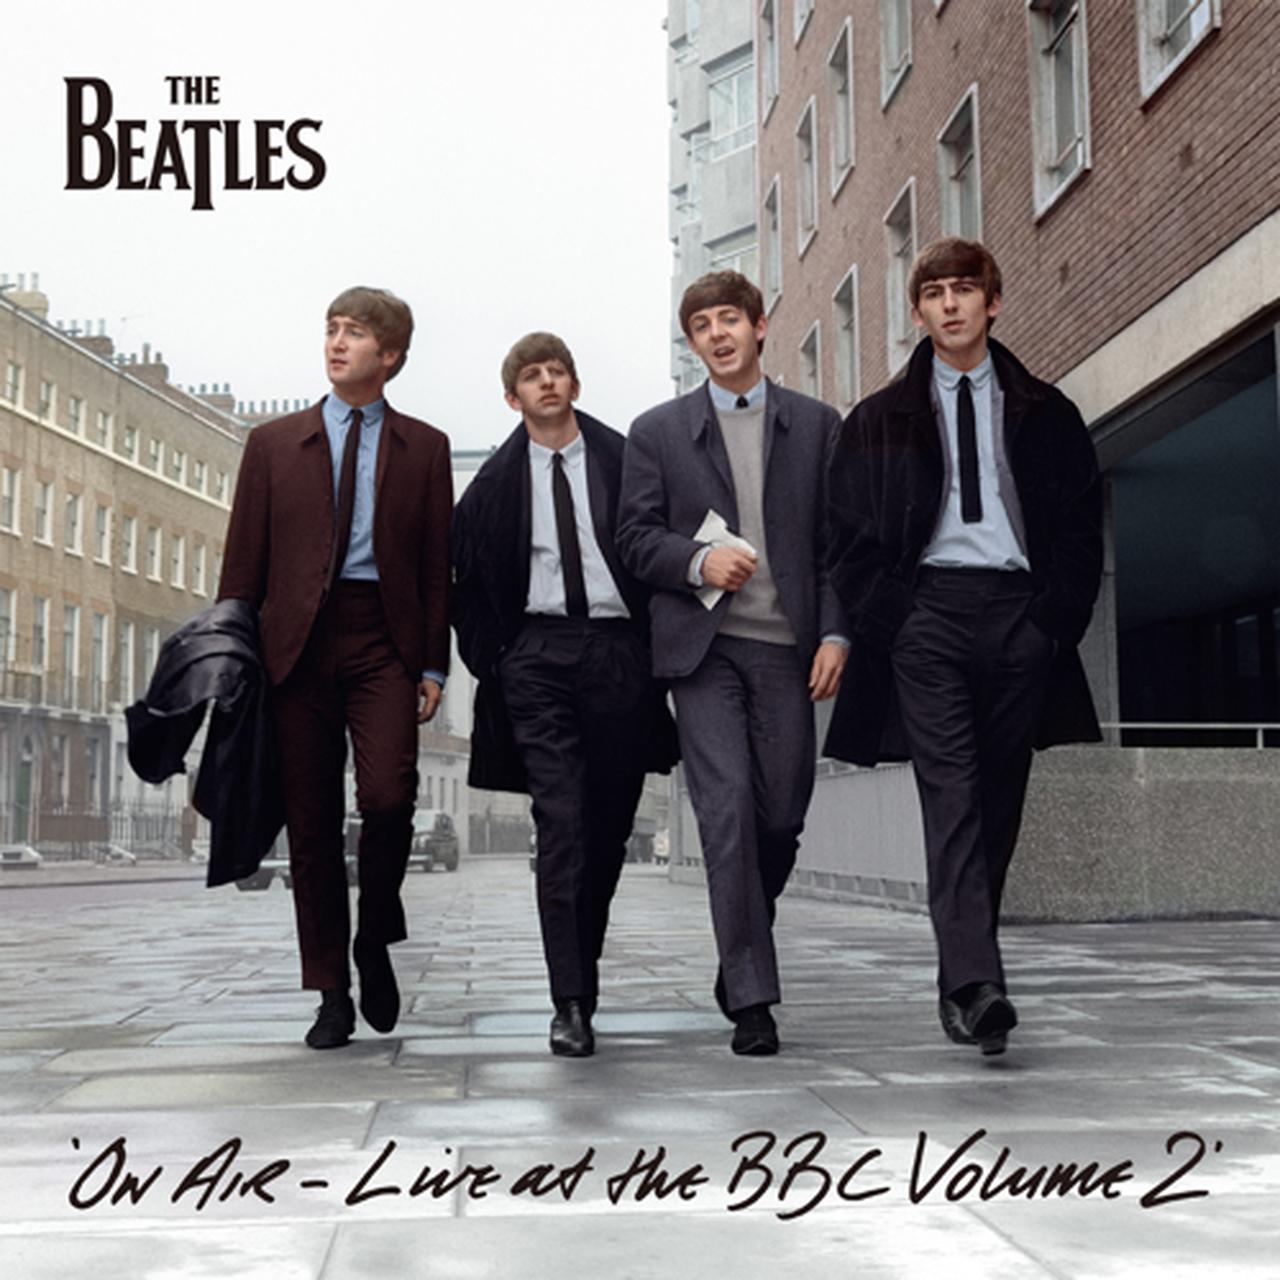 【限定アナログ盤】ザ・ビートルズ - オン・エア~ライヴ・アット・ザ・BBC Vol.2(3LP)(12インチレコード)